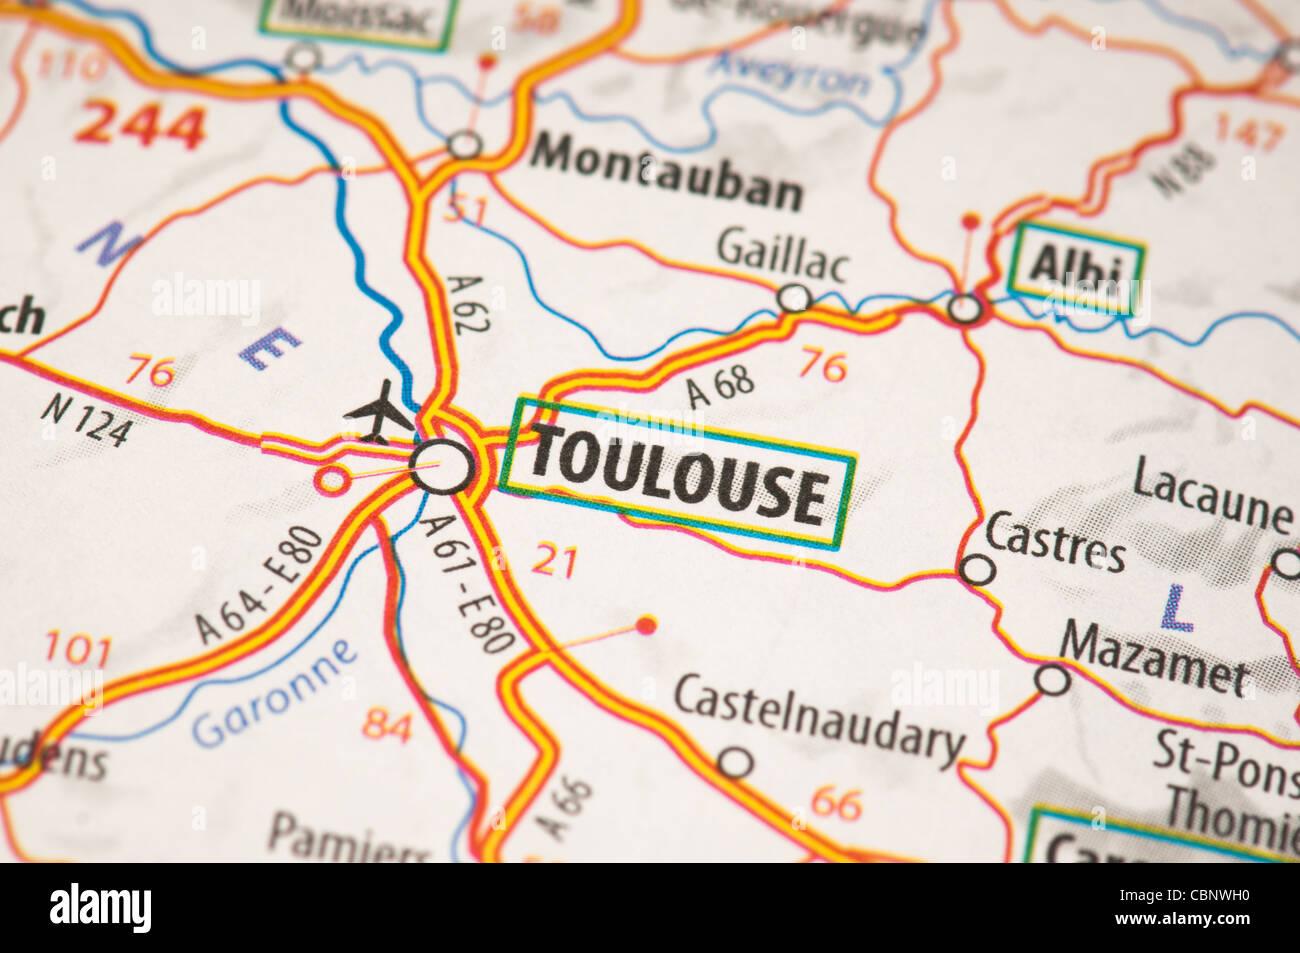 Toulouse Karte.Toulouse Auf Einer Karte Stockfoto Bild 41663020 Alamy